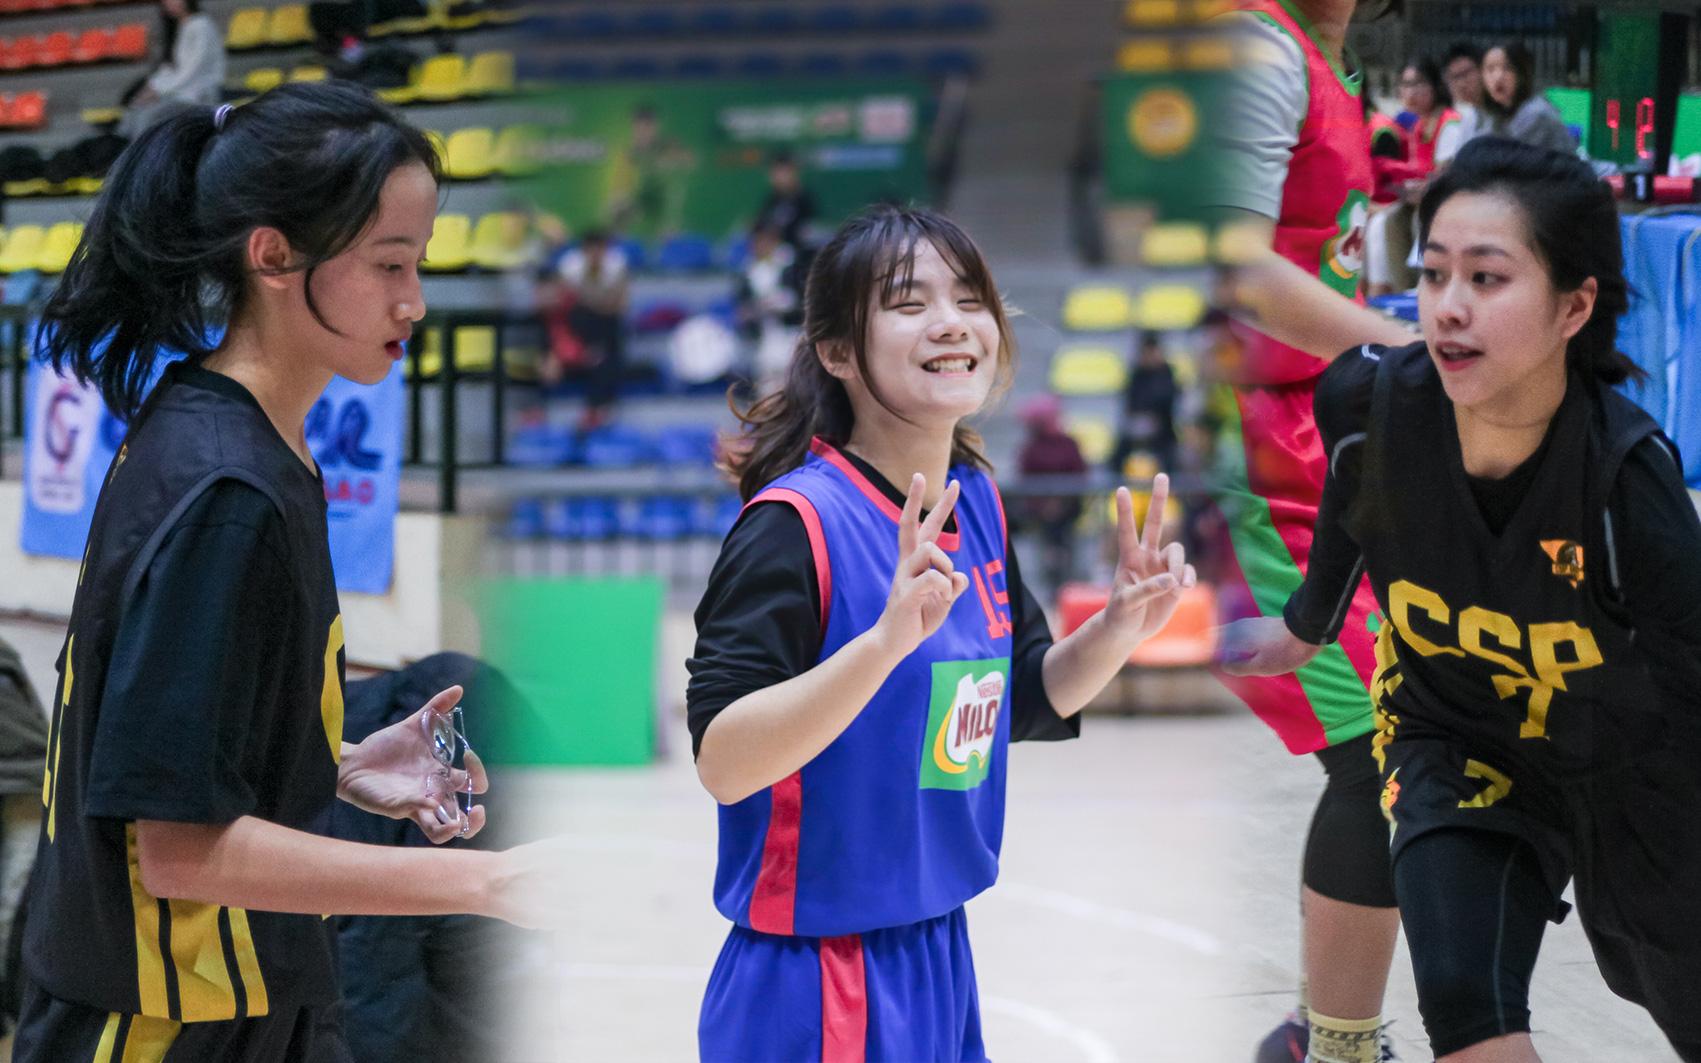 Mê mẩn vẻ đẹp của các nữ cầu thủ tại giải bóng rổ học sinh Hà Nội 2021